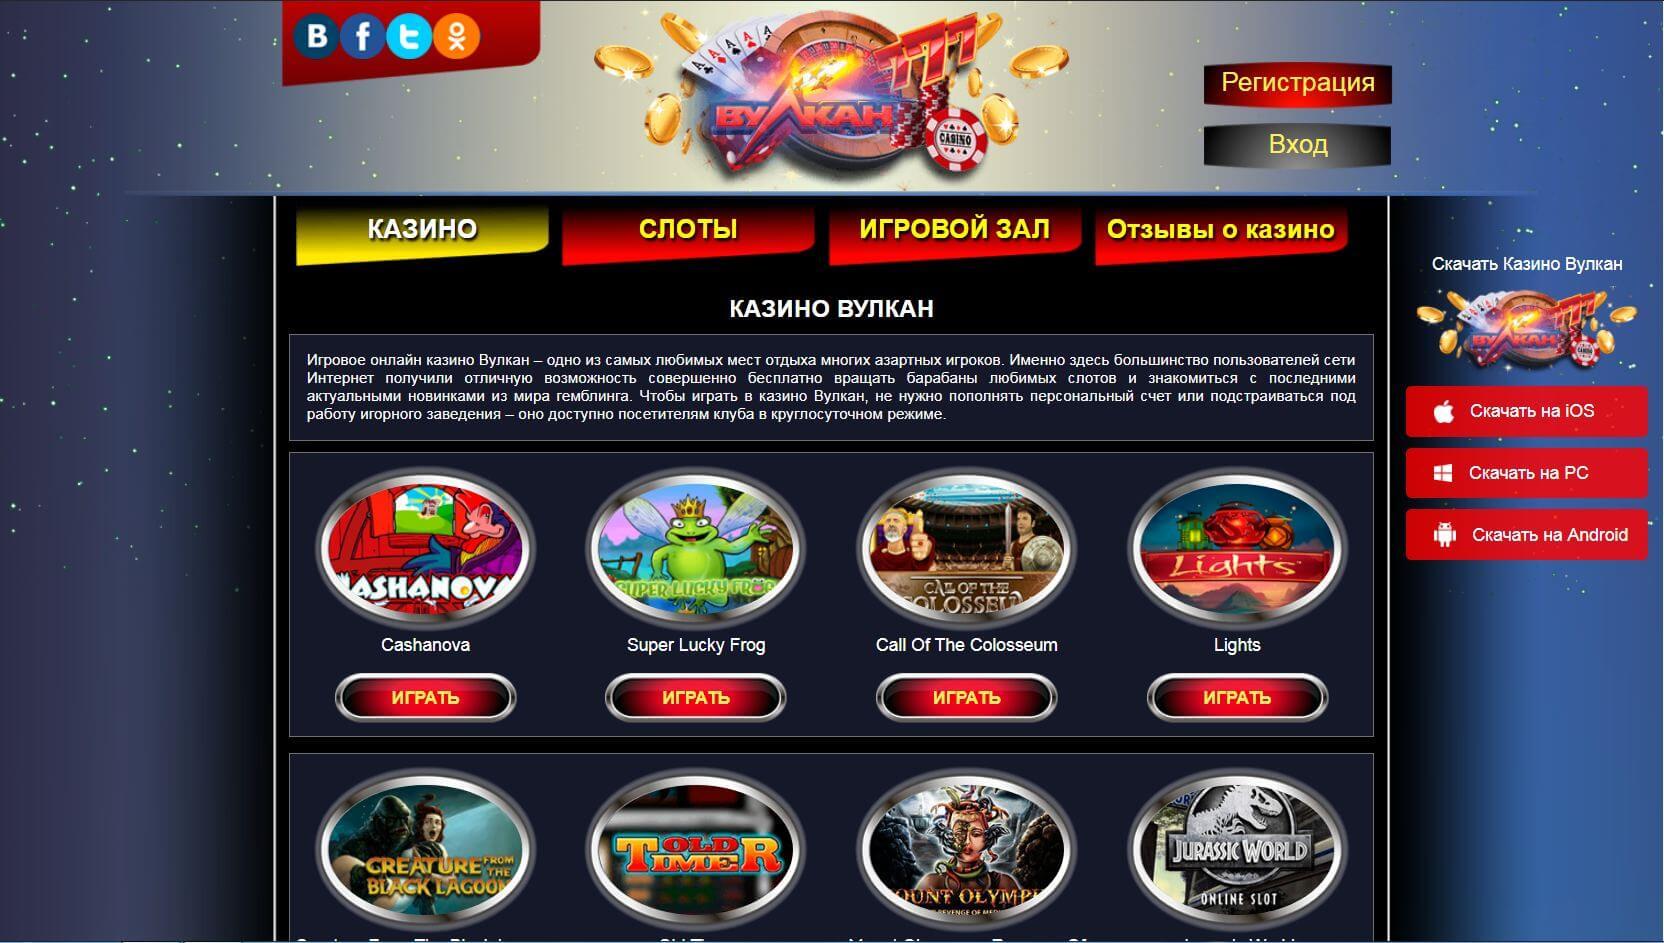 Игровые автоматы онлайн бесплатно игратьпираты online casino downloads free